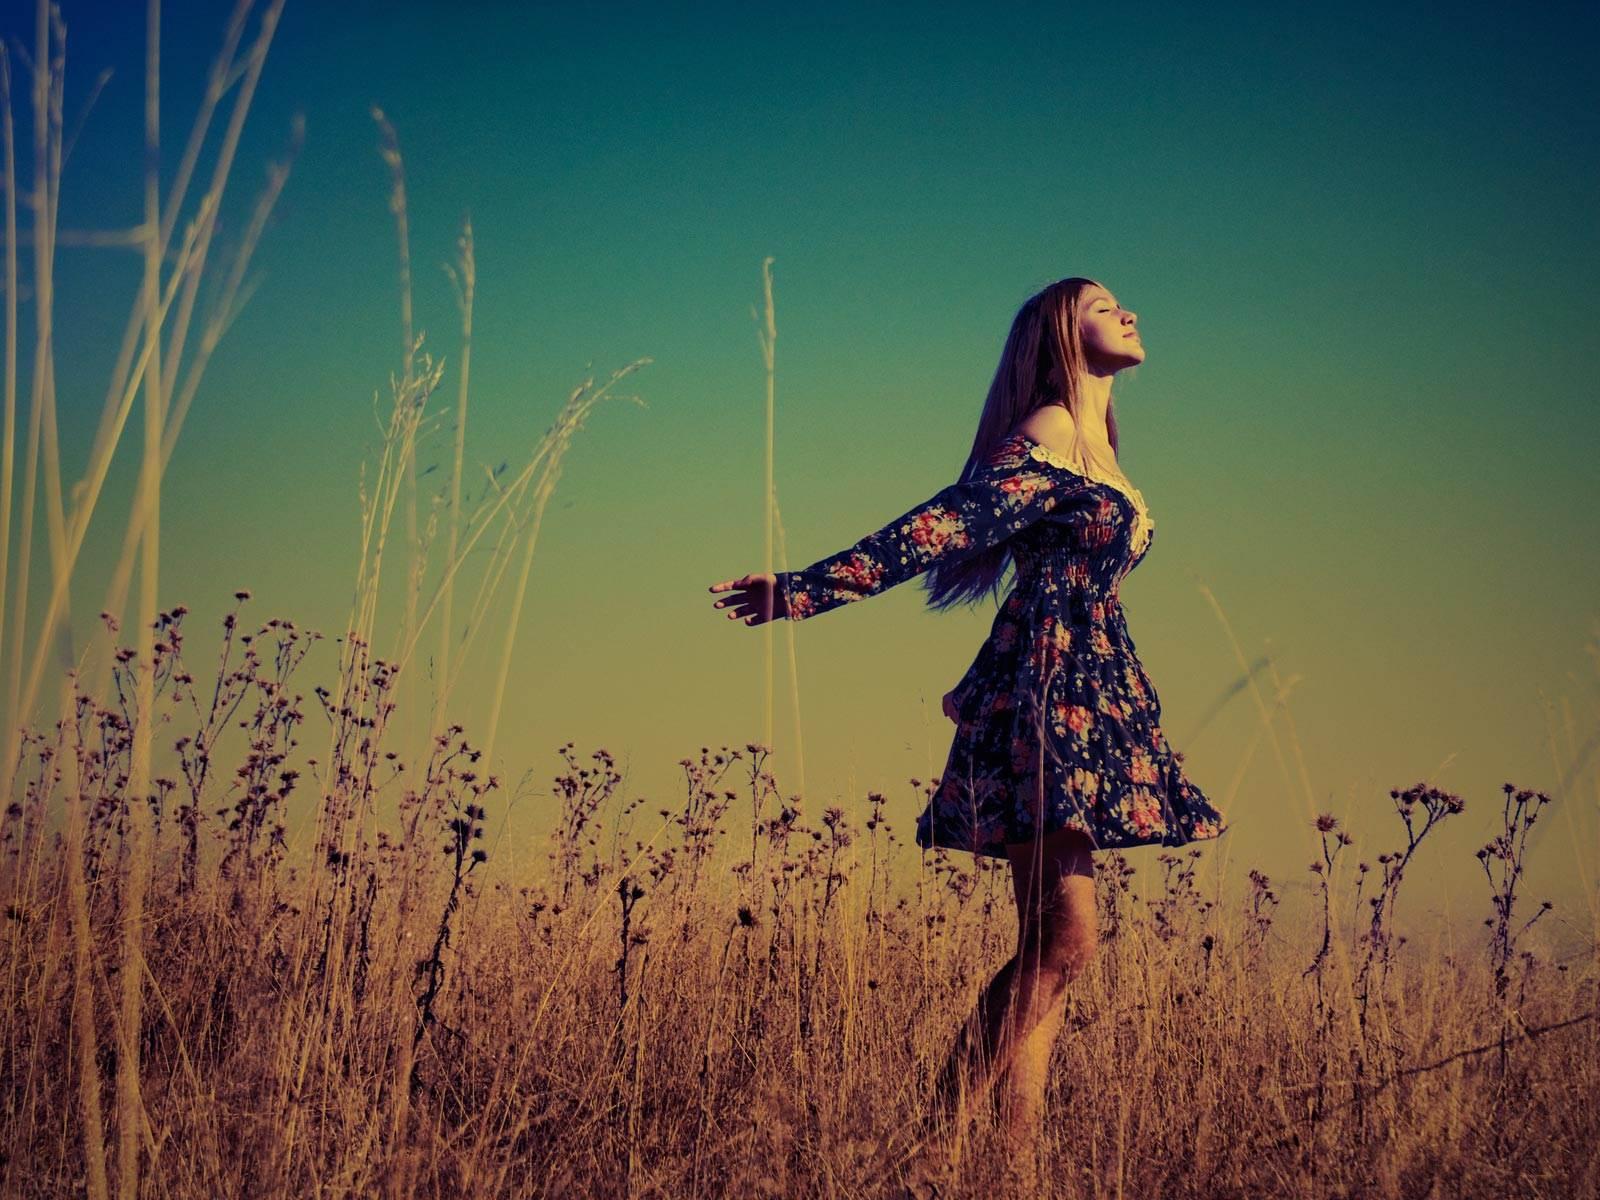 chica con vestido de flores en el campo